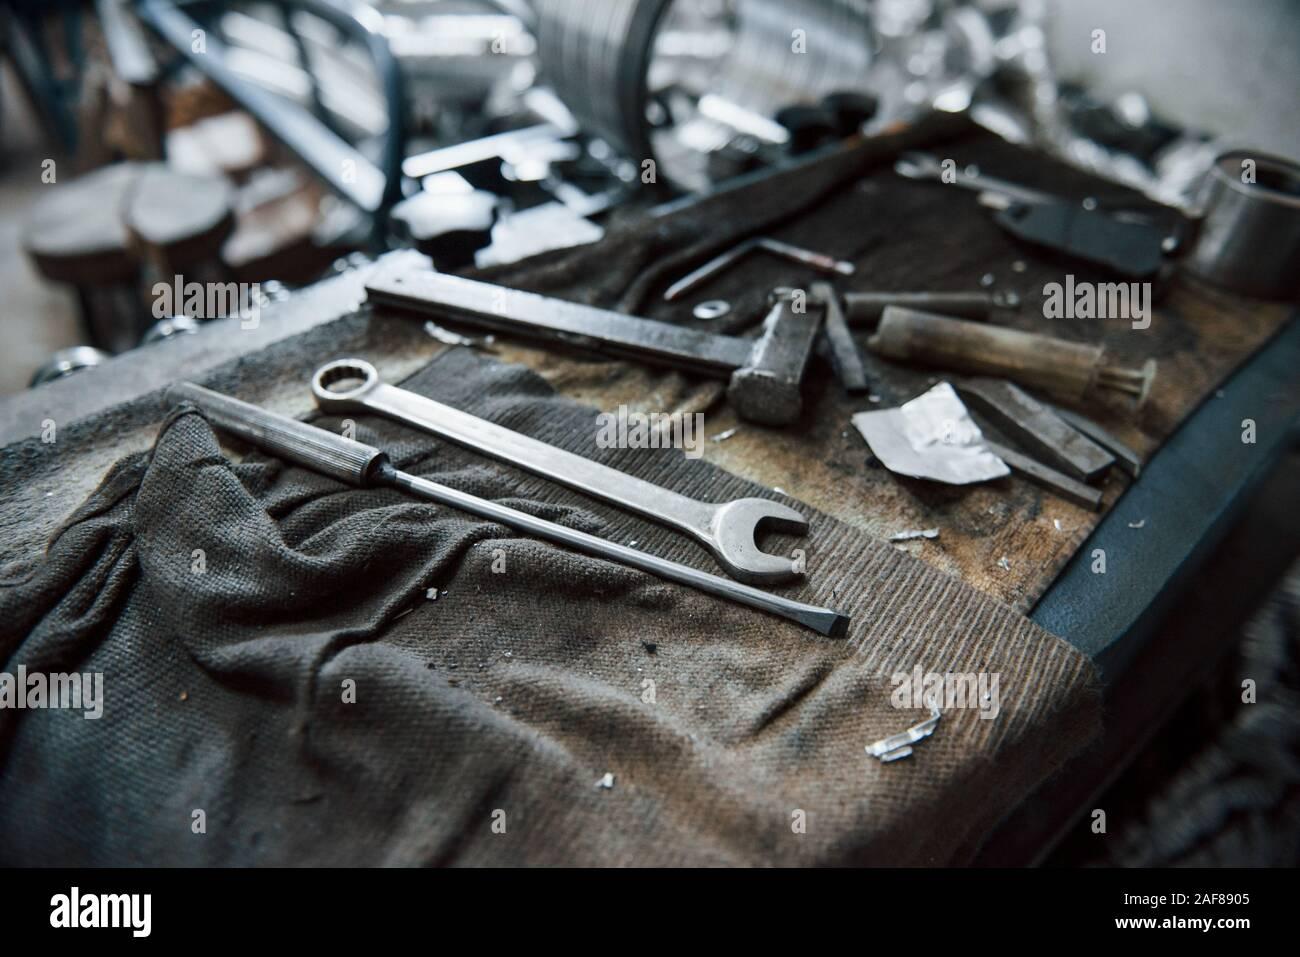 Lieu de travail. Outils sur table sale. Dans un garage. Conception manufacture Banque D'Images